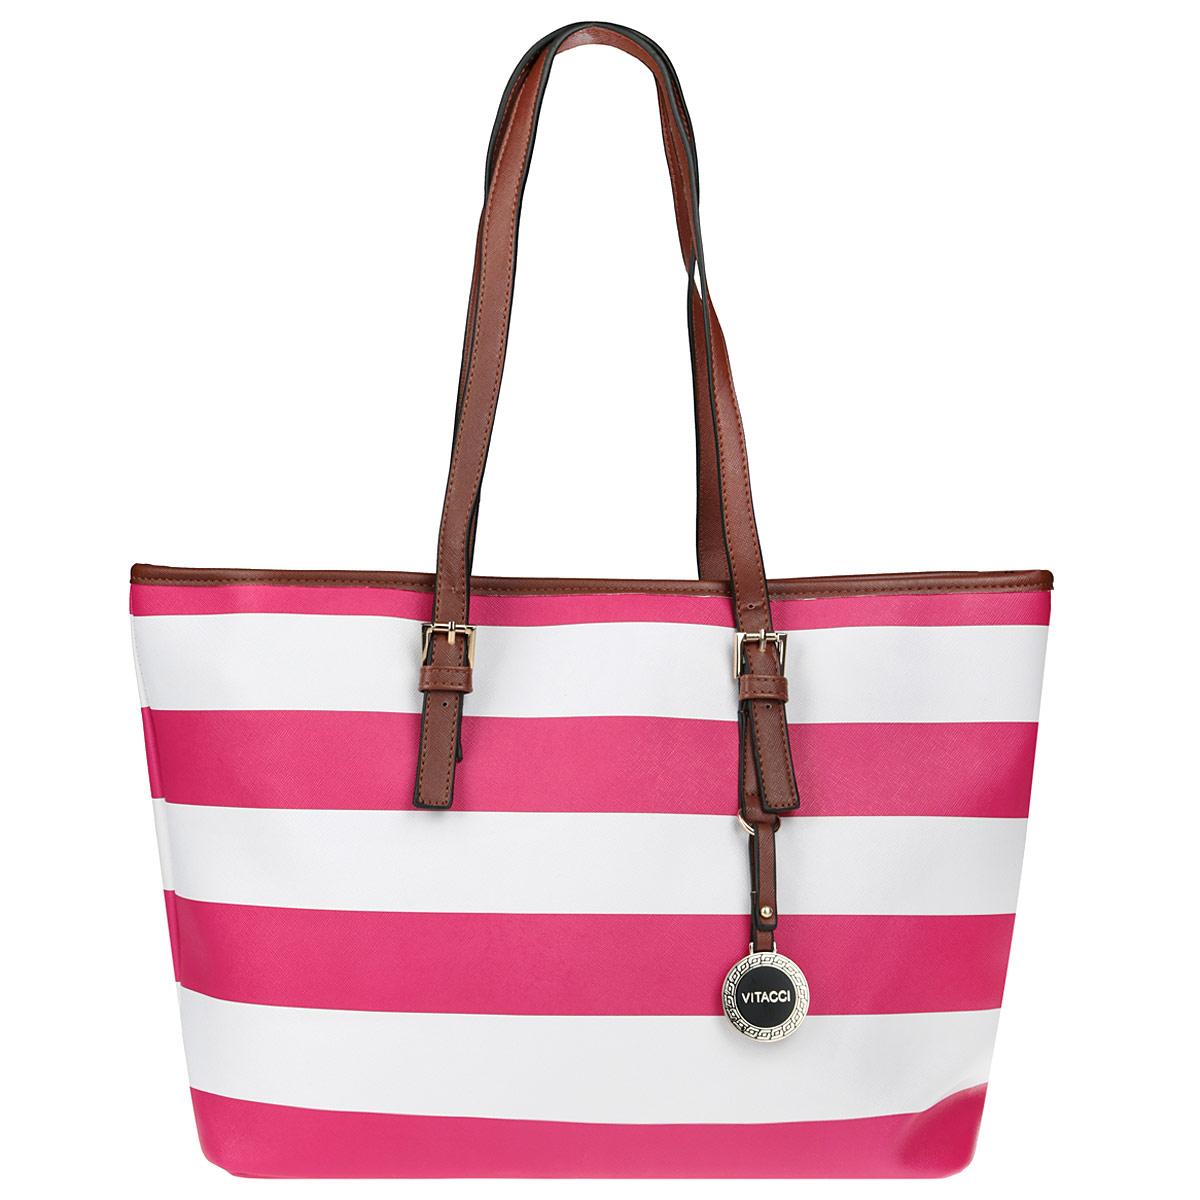 Сумка женская Vitacci, цвет: розовый, белый. NN014ML597BUL/DСтильная женская сумка Vitacci выполнена из экокожи в полоску. Сумка имеет одно вместительное отделение, закрывающееся на застежку-молнию. Внутри - втачной карман на застежке-молнии и два накладных карманчика для мелочей и телефона. Модель оснащена двумя ручками, позволяющими носить сумку на плече. Они прочно крепятся к корпусу сумки, при желании можно регулировать высоту ручек. На одной ручке подвеска с логотипом фирмы. Сумка - это стильный аксессуар, который подчеркнет вашу изысканность и индивидуальность и сделает ваш образ завершенным.